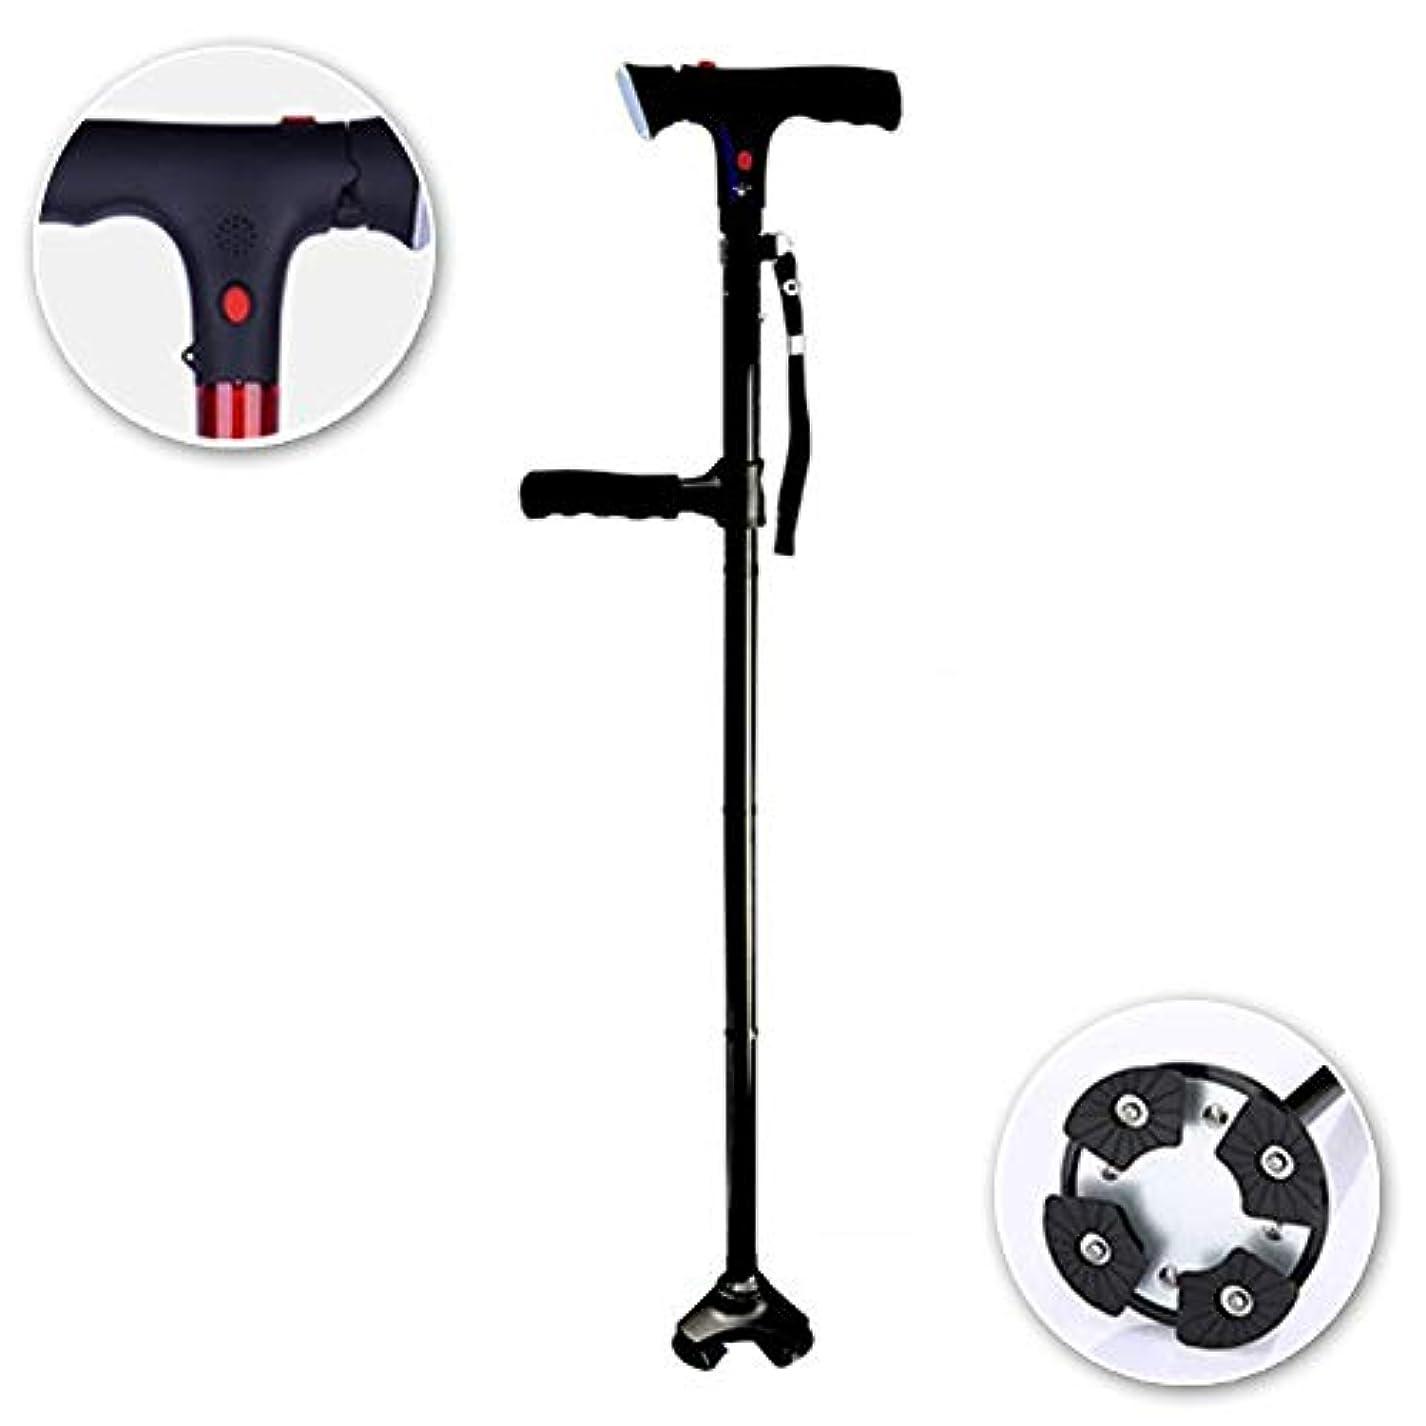 細心のつぶやきまどろみのある松葉杖は、LEDライト、セキュリティアラーム、調整可能な軽量ウォーキング、2つのハンドルを備えた巧妙な杖を進めます-簡単に折りたたむことができる